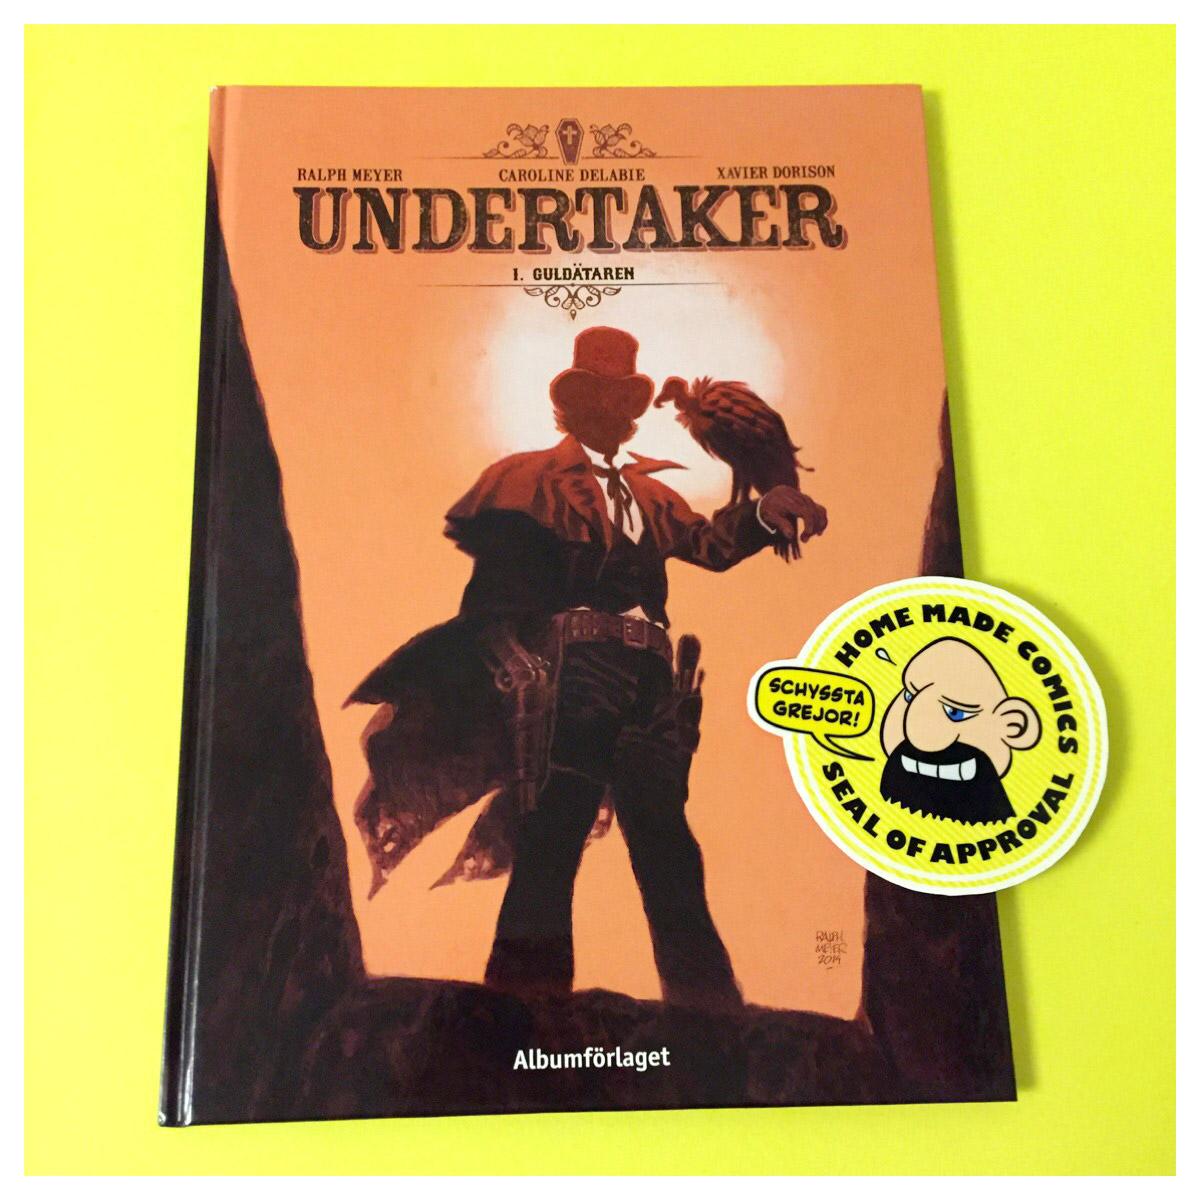 Home Made Comics Seal of Approval #143. Undertaker 1 Guldätaren av Xavier Dorison, Ralph Meyer och Caroline Delabie utgiven av Albumförlaget 2016.